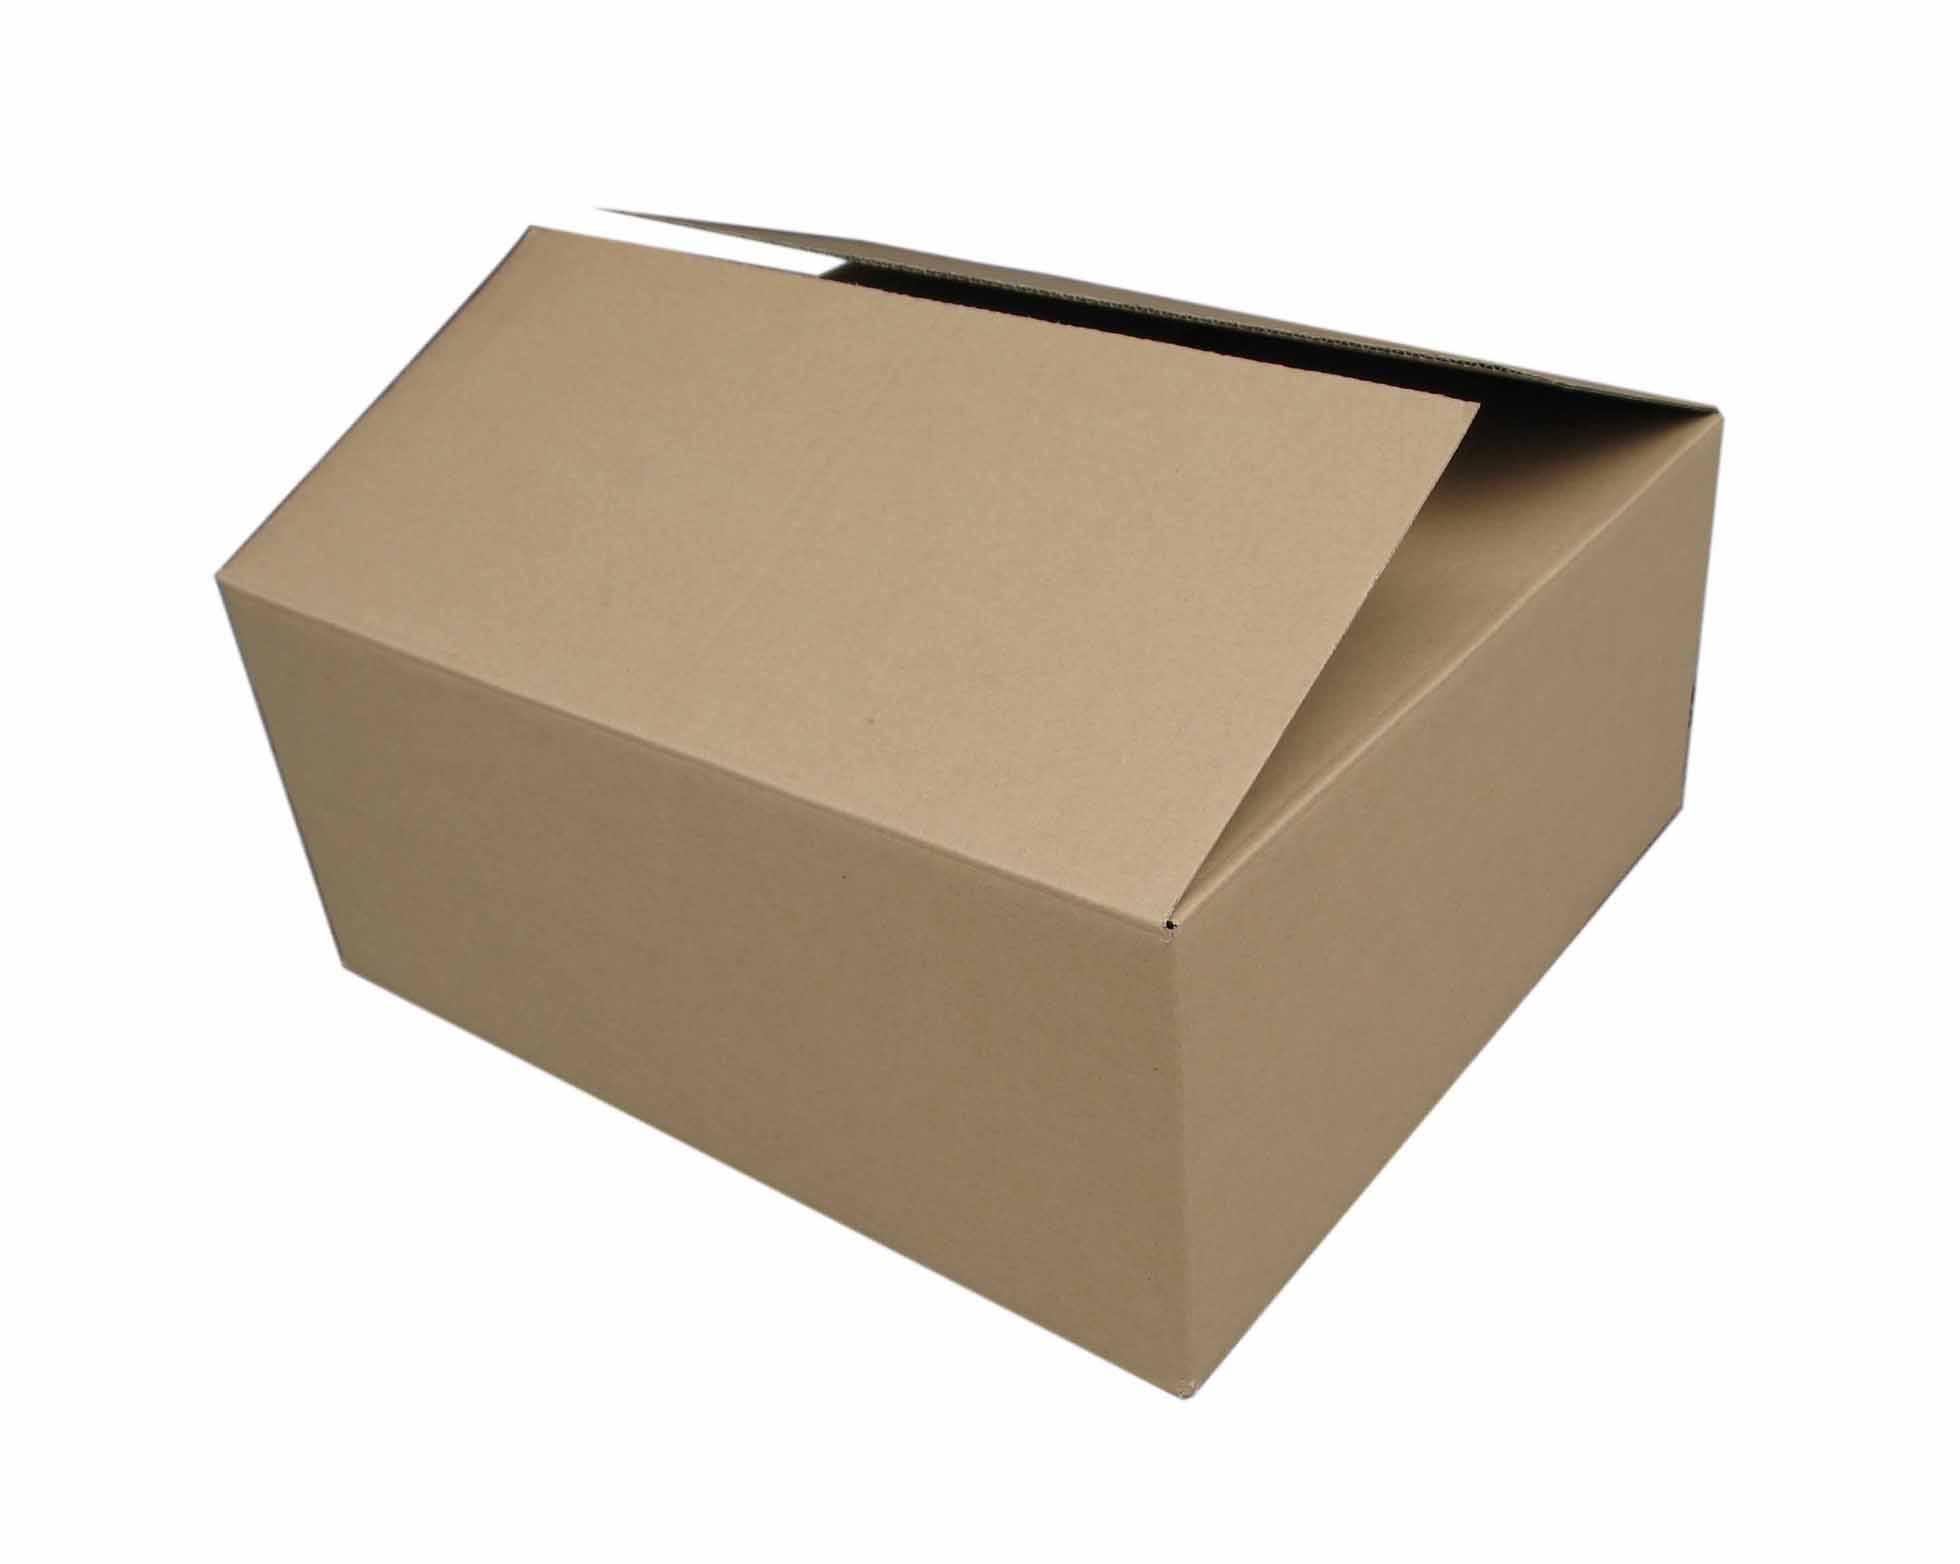 Carton_Box_2